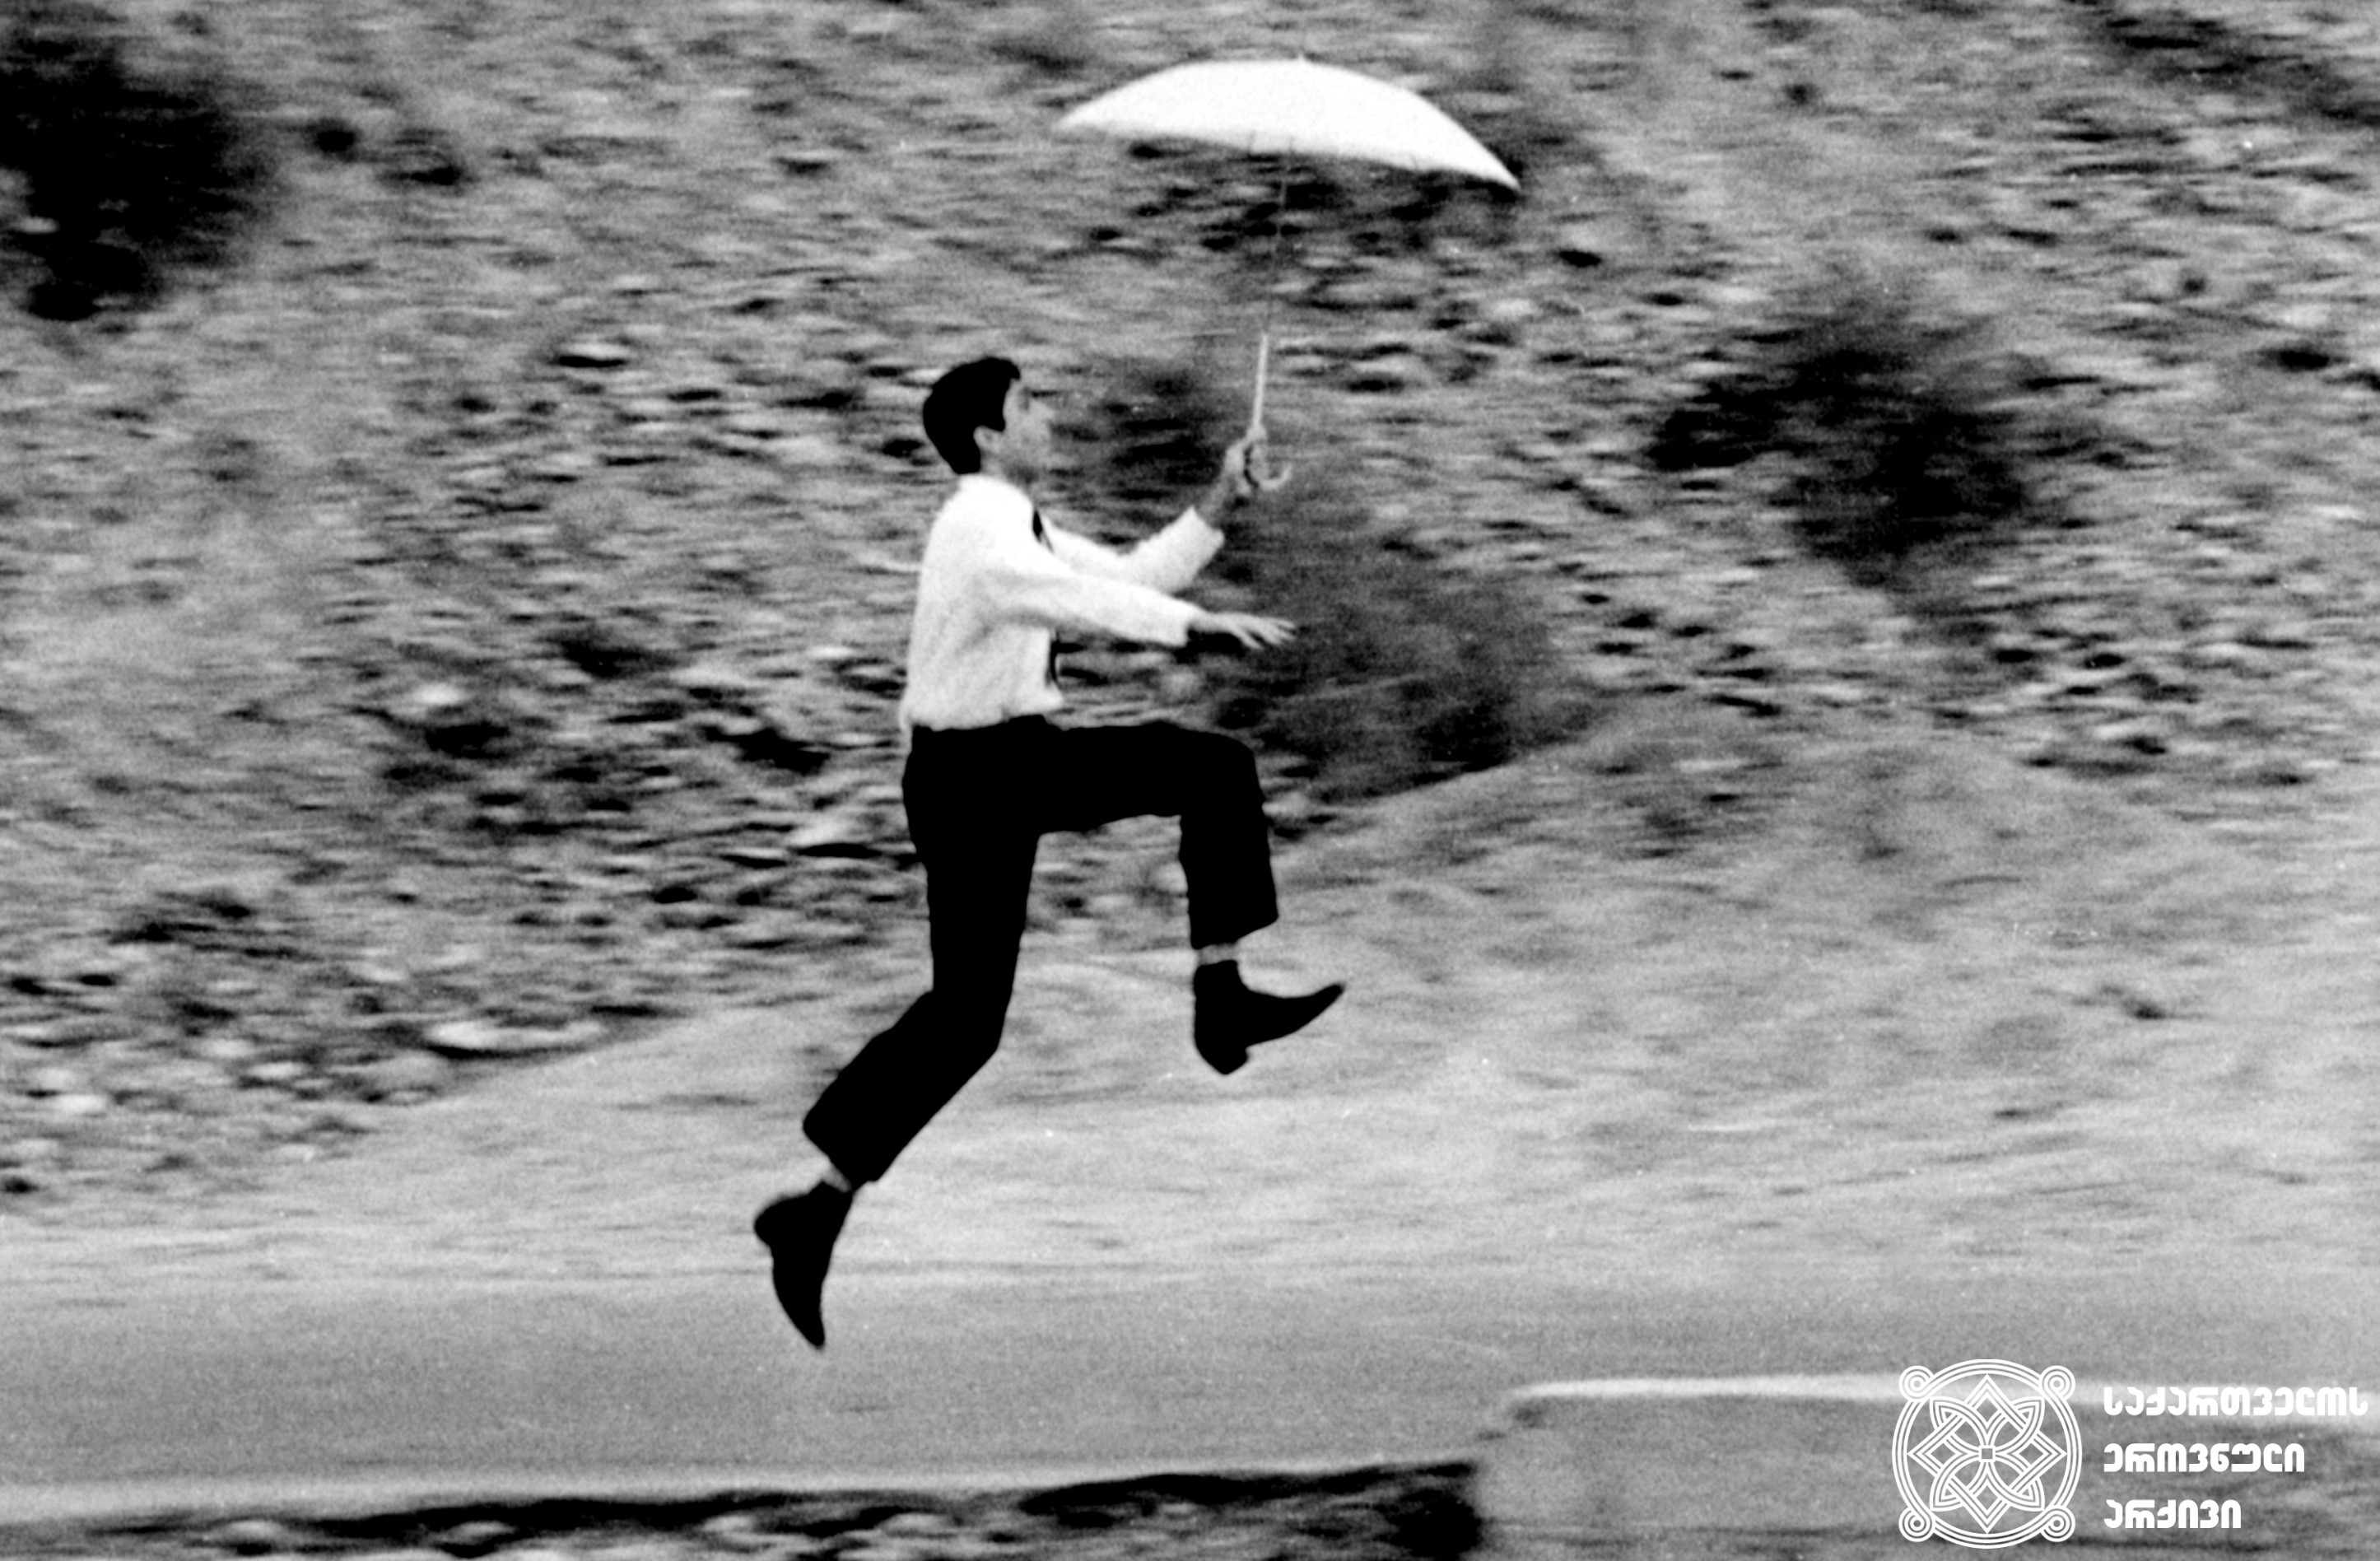 """მხატვრული ფილმი """"ქოლგა"""", მსახიობი რამაზ გიორგობიანი გადასაღებ მოედანზე.  <br>რეჟისორი: მიხეილ კობახიძე. 1967  <br>  Feature film """"Umbrella"""", actor Ramaz Giorgobiani on the filming location.  <br>Director: Mikheil Kobakhidze. 1967"""